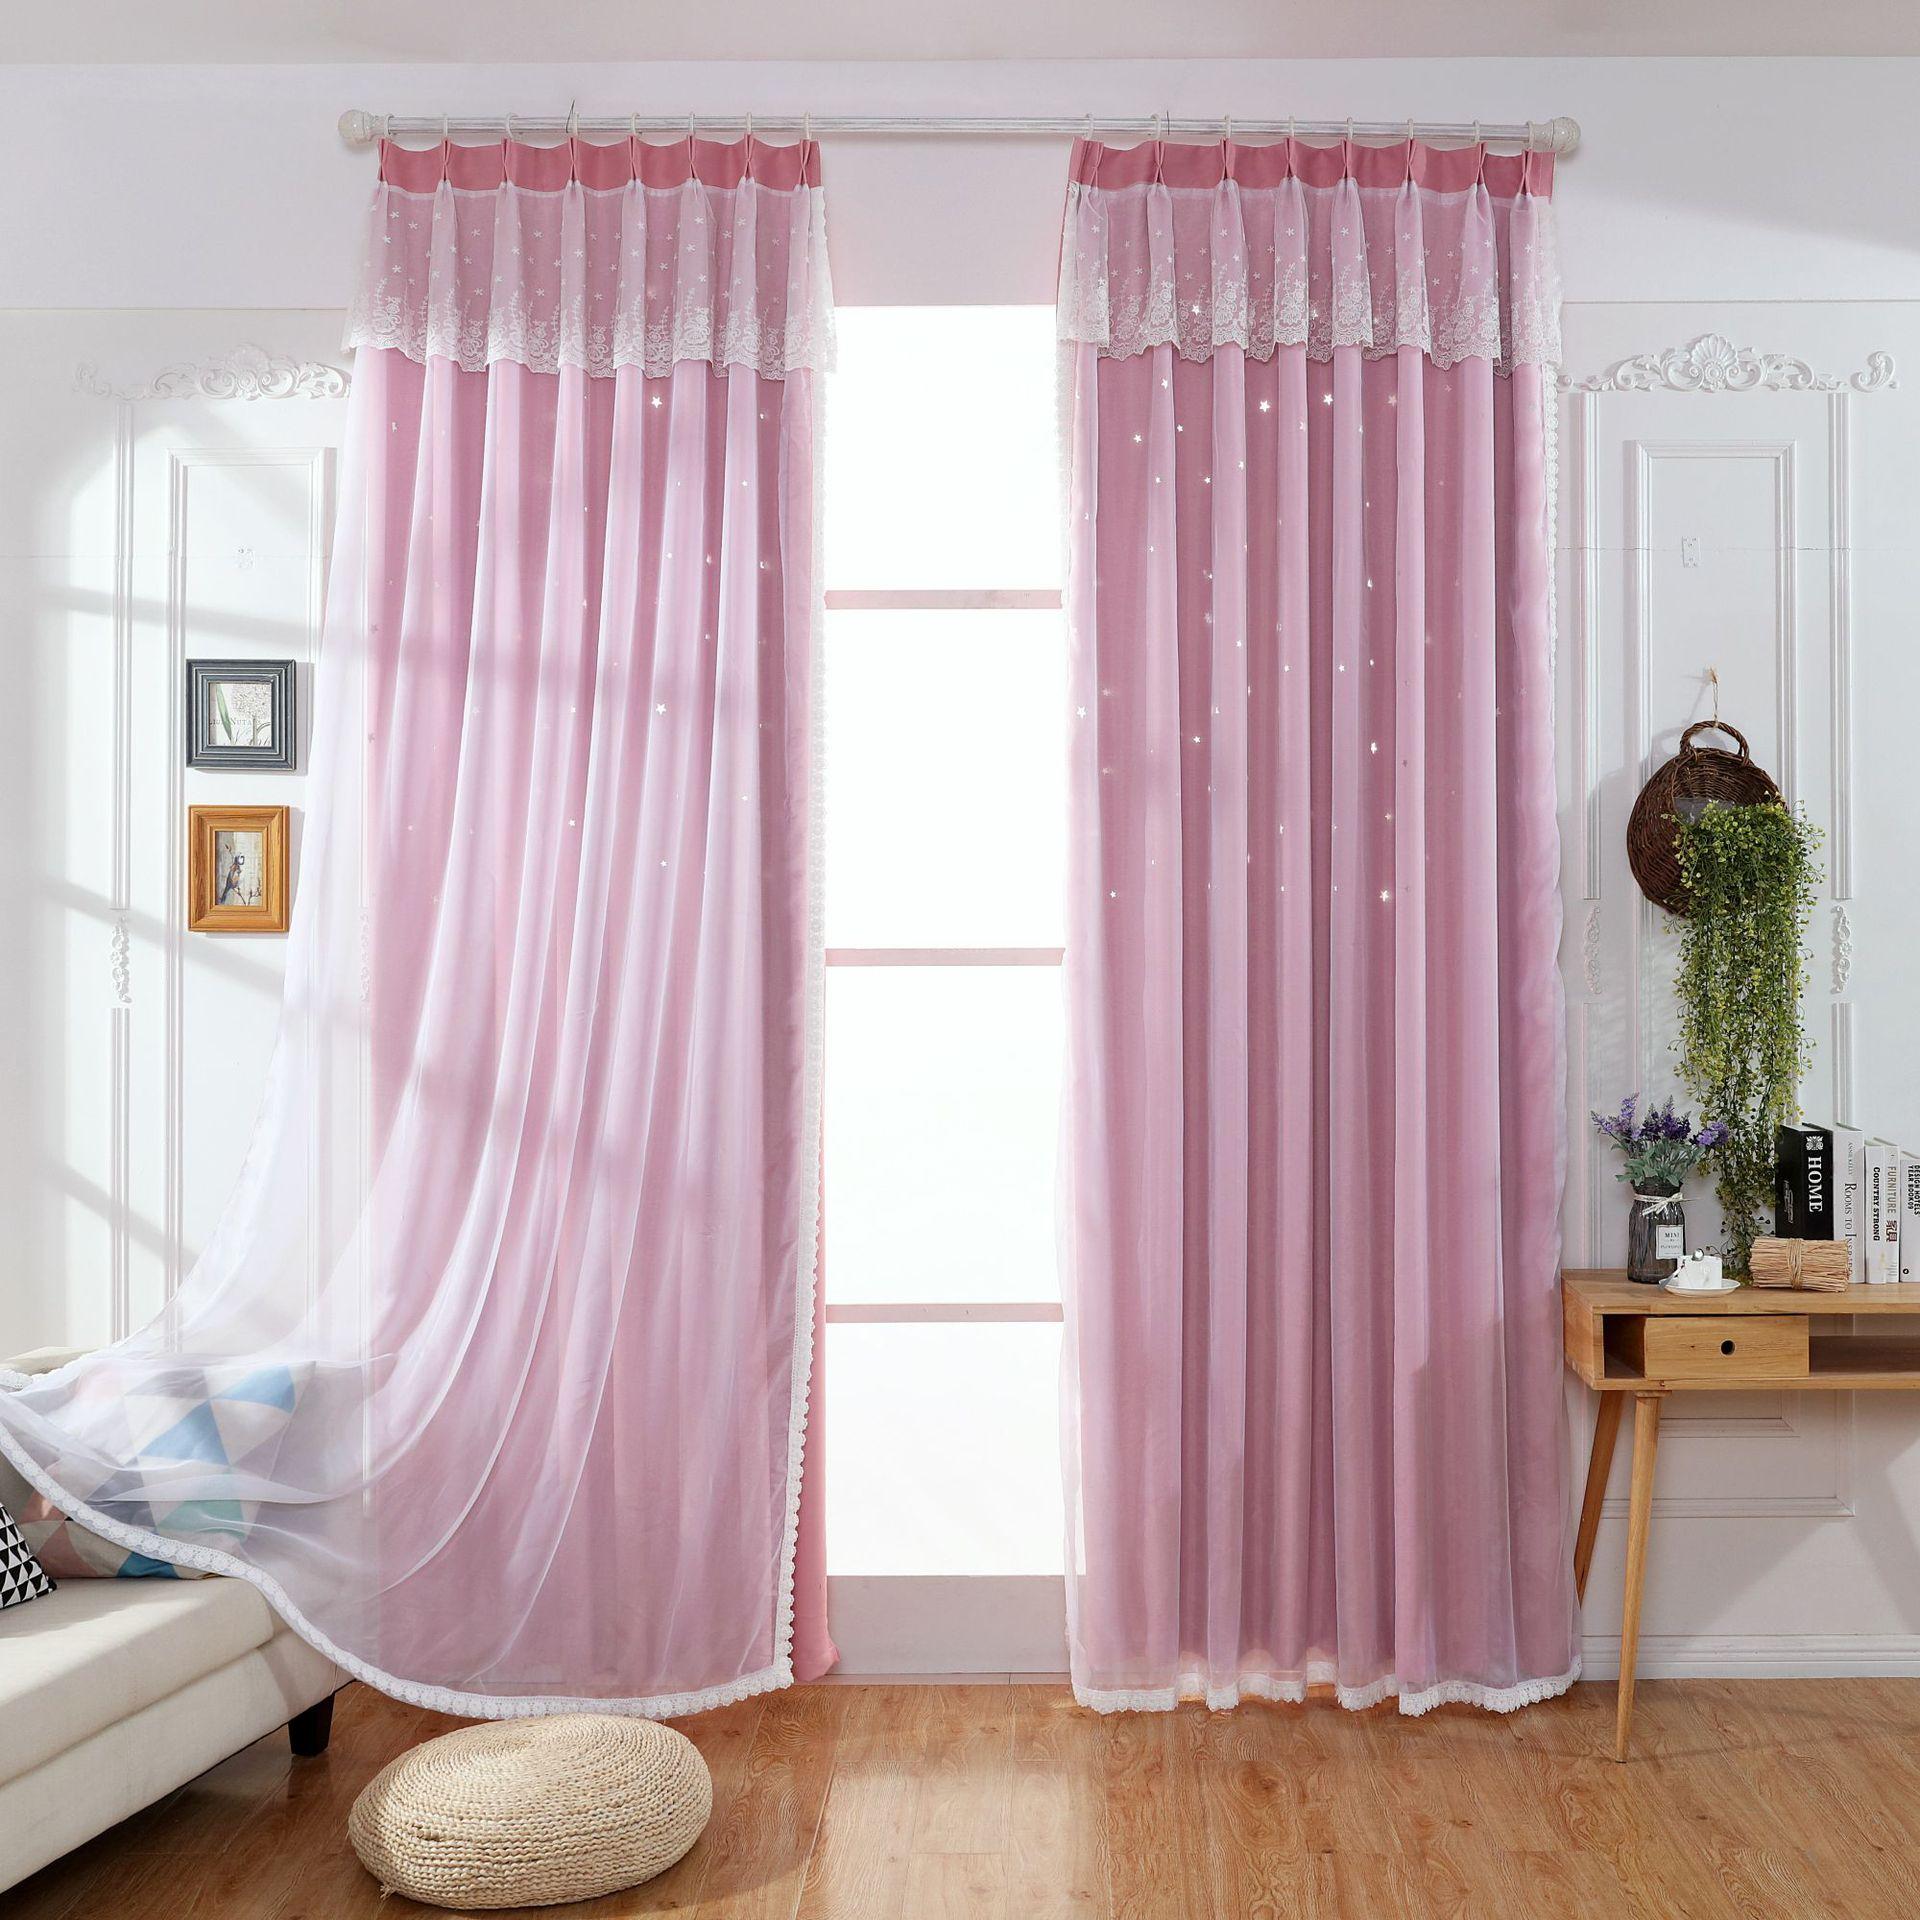 rèm cửa sổ Rèm cửa hình ngôi sao màu đỏ rỗng rung động cùng một đoạn Công chúa Hàn Quốc che nắng cao